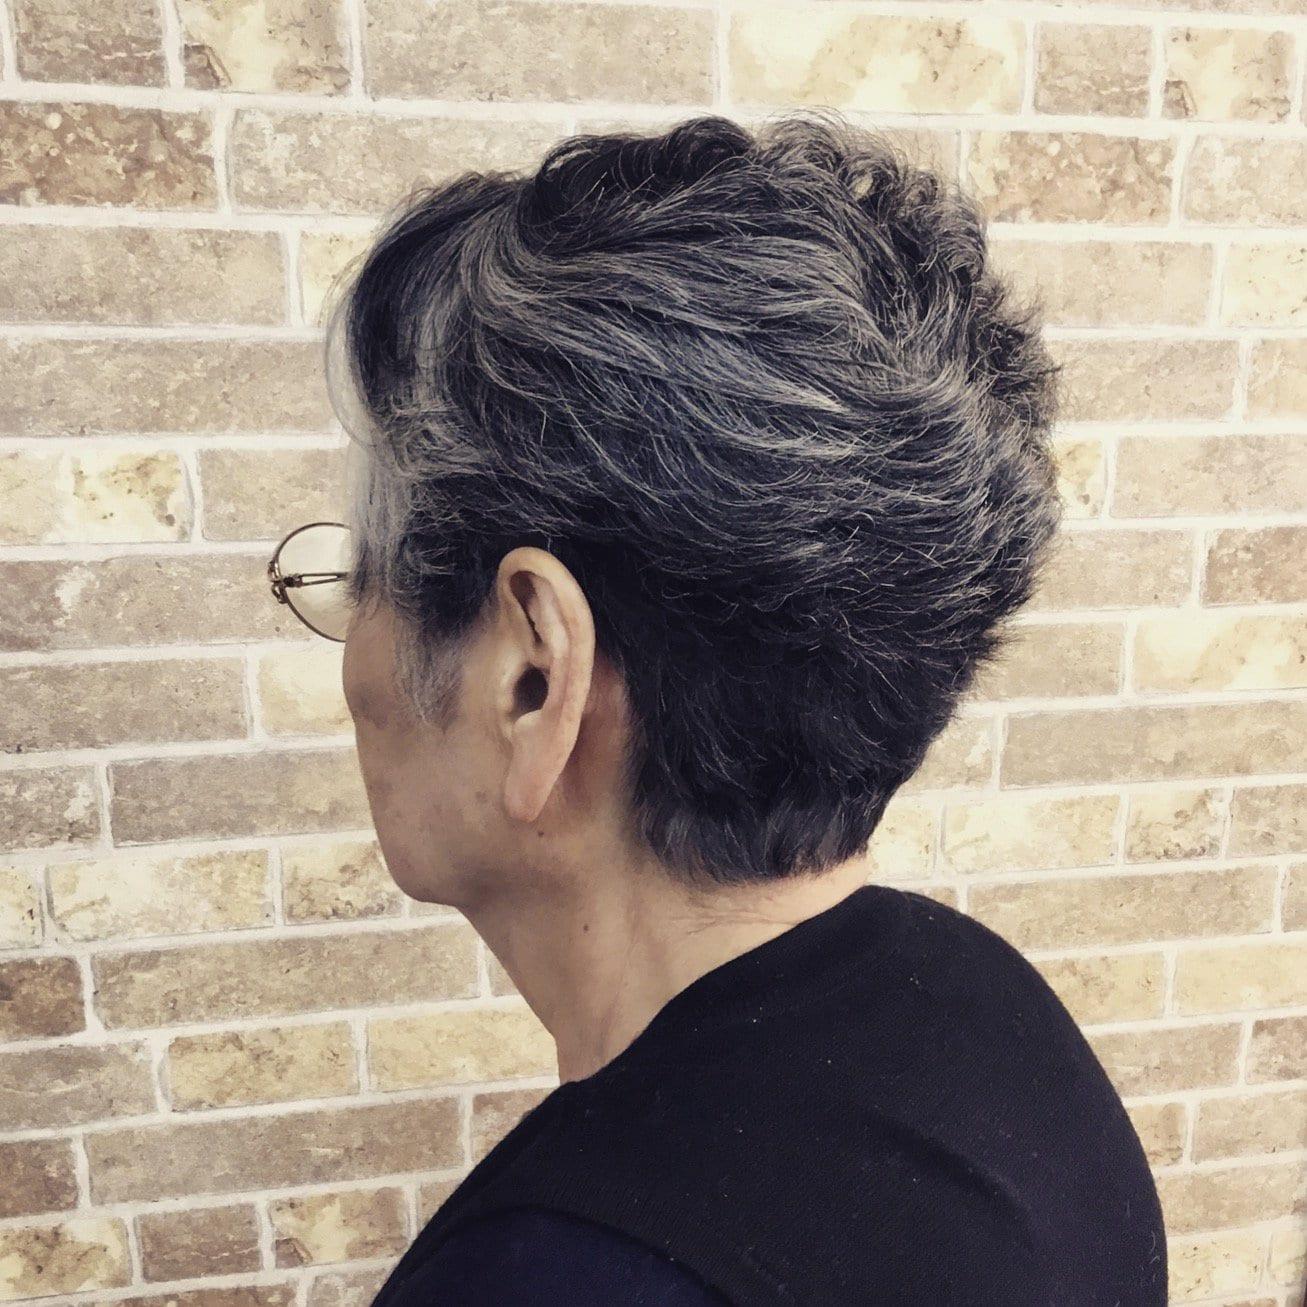 【店頭で支払い】カットチケット✂再現性抜群!あなたの髪質を考慮したお悩み解決カットのイメージその5